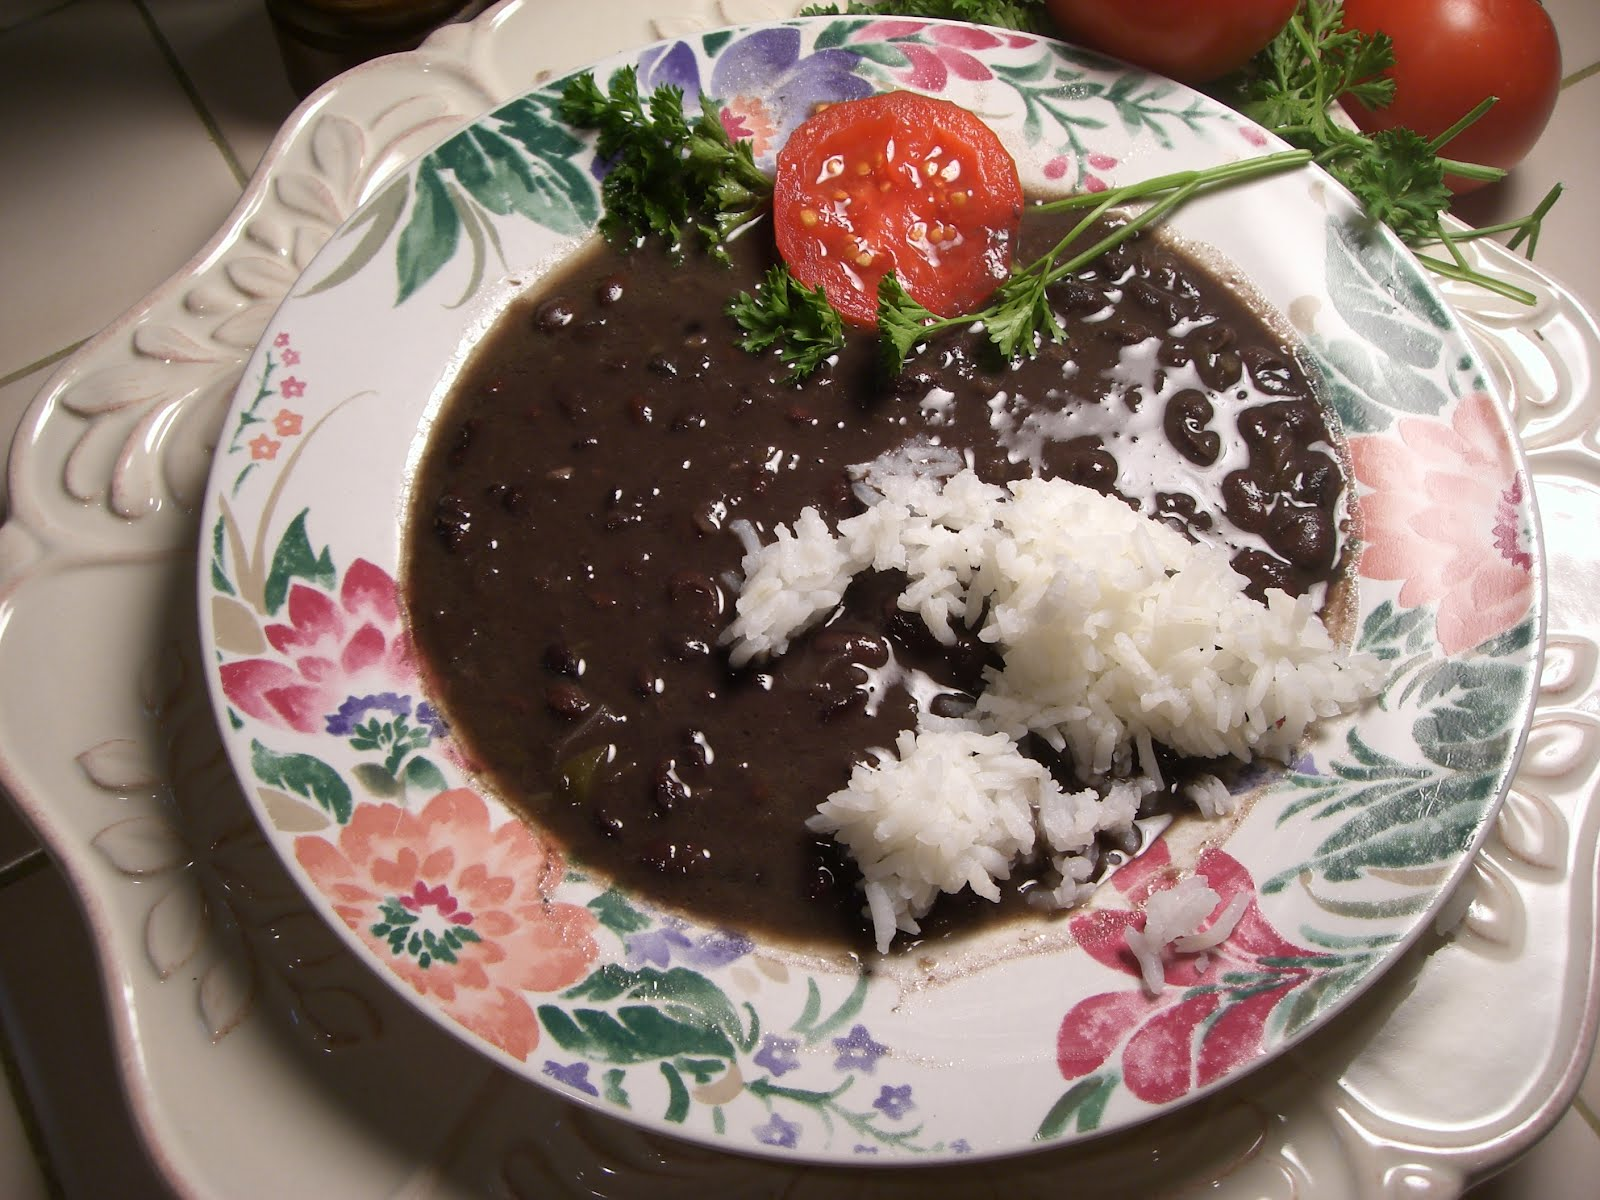 FRIJOLES NEGROS-Cuban Black Beans | mmmm...Cuba